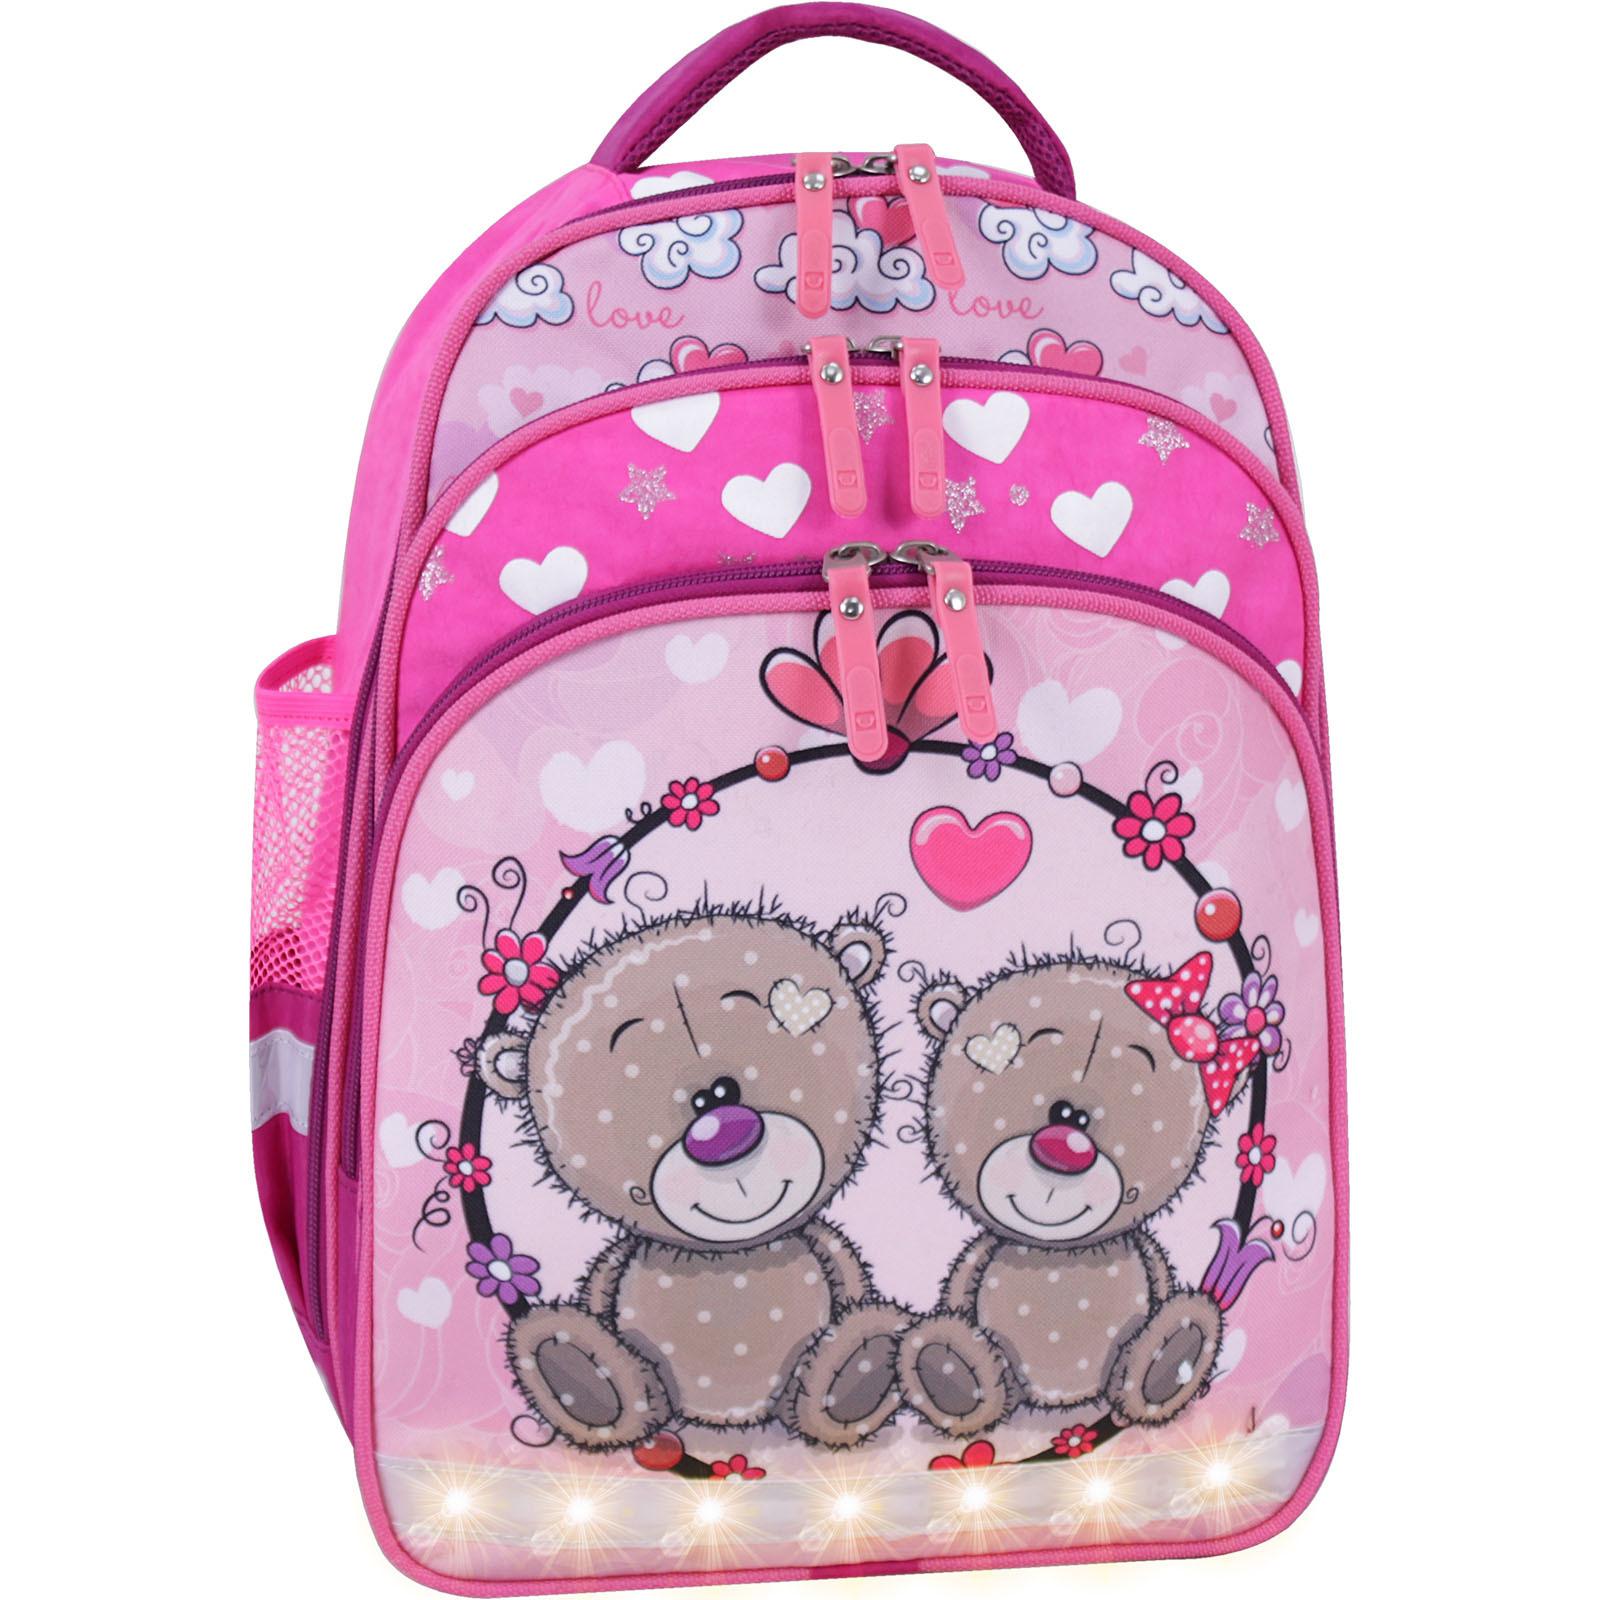 Для детей Рюкзак школьный Bagland Mouse 143 малиновый 686 (00513702) IMG_2396_суб.686_-1600.jpg